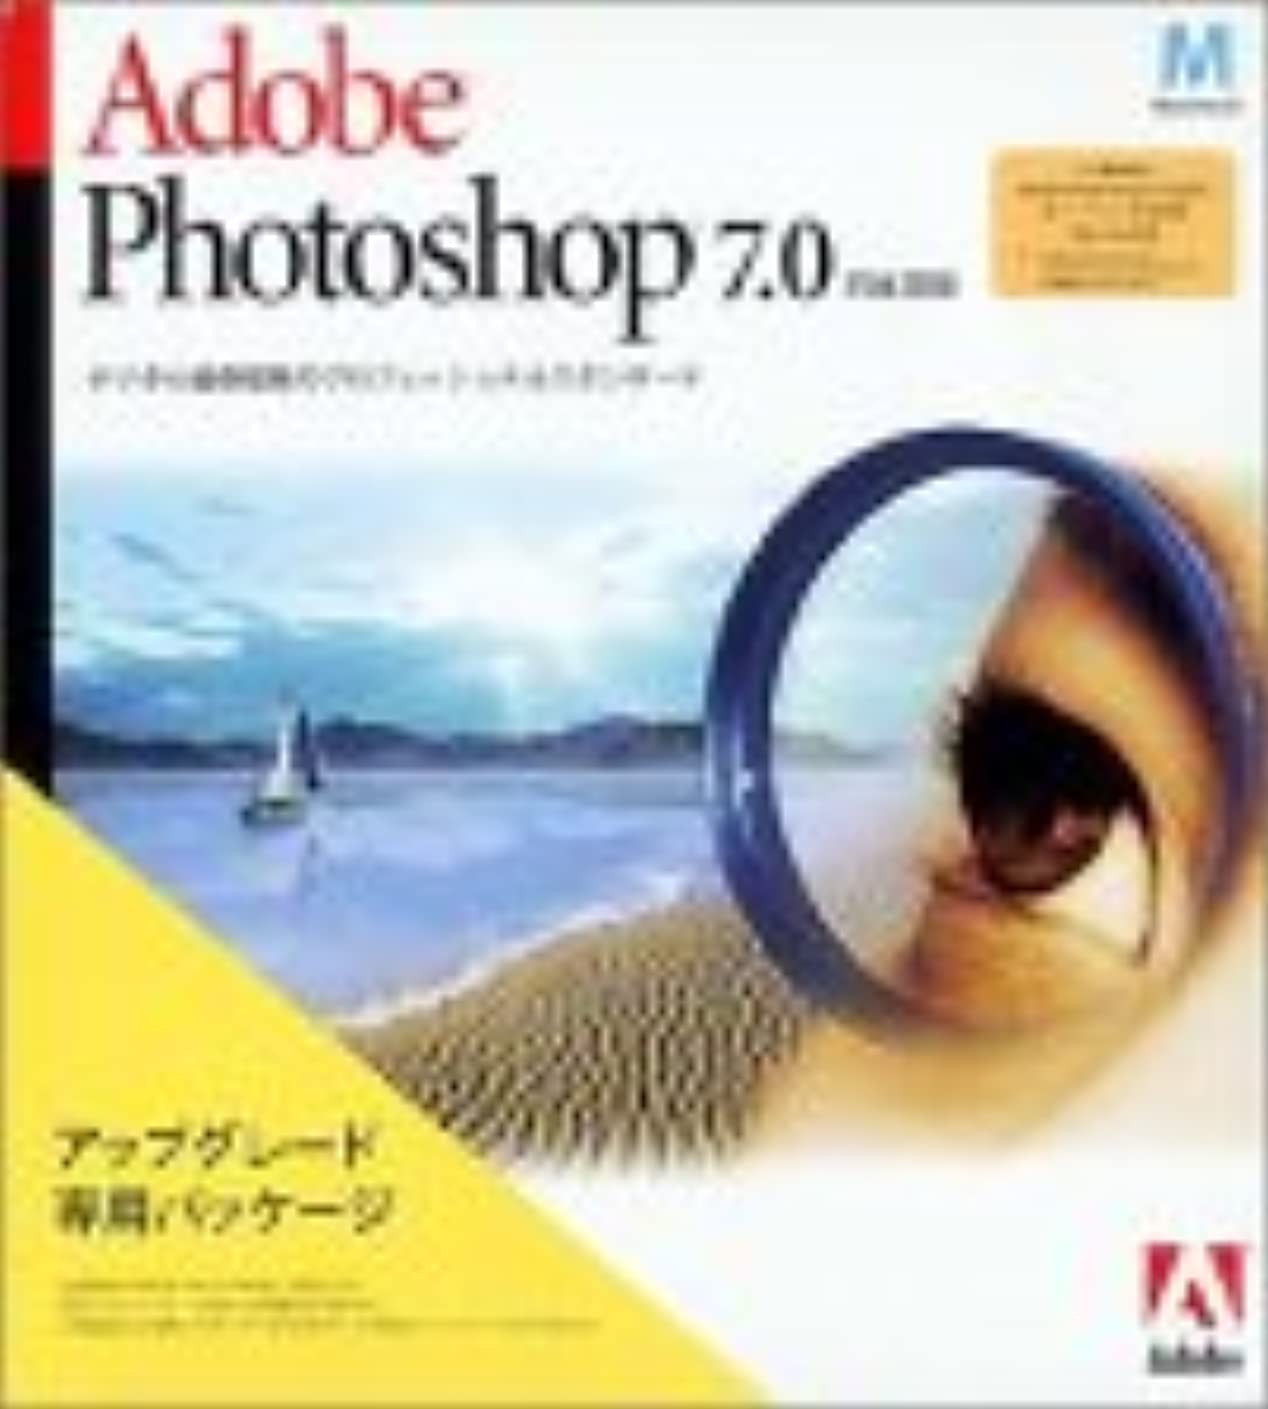 脱臼する途方もない移住するAdobe(R) Photoshop(R) 7.0日本語版 Macintosh(R)版 Upgrade版